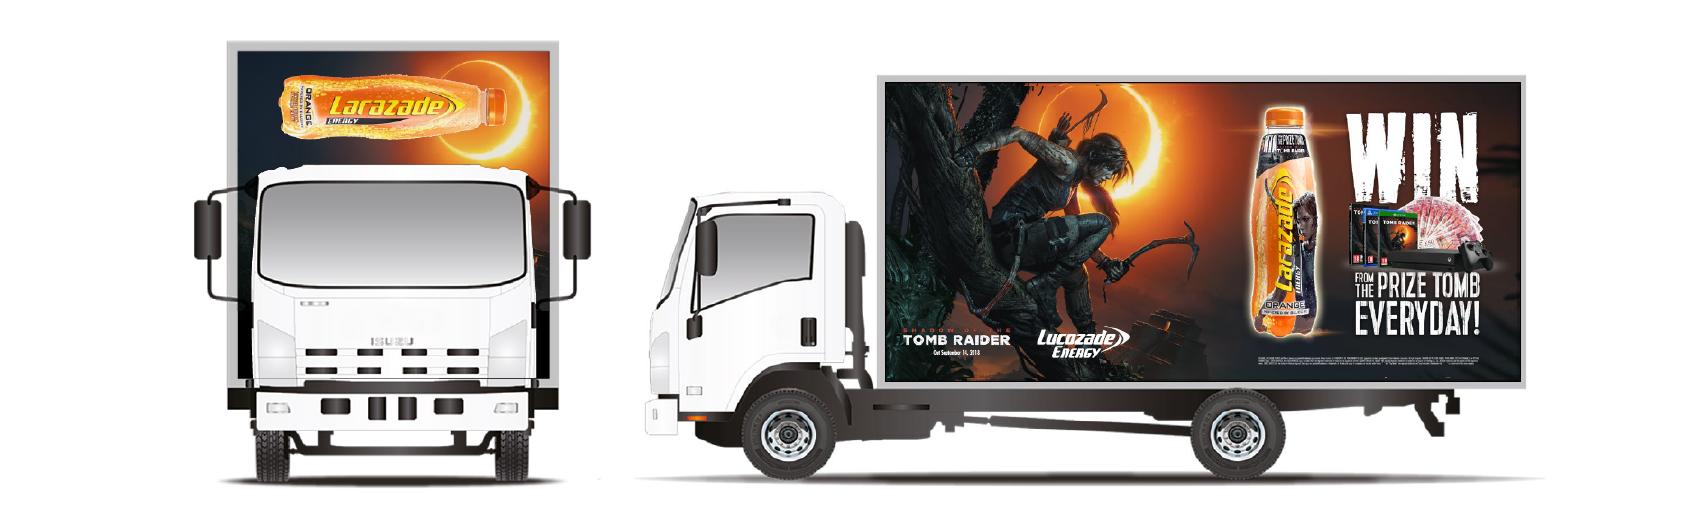 Square-Enix-Larazade-truck